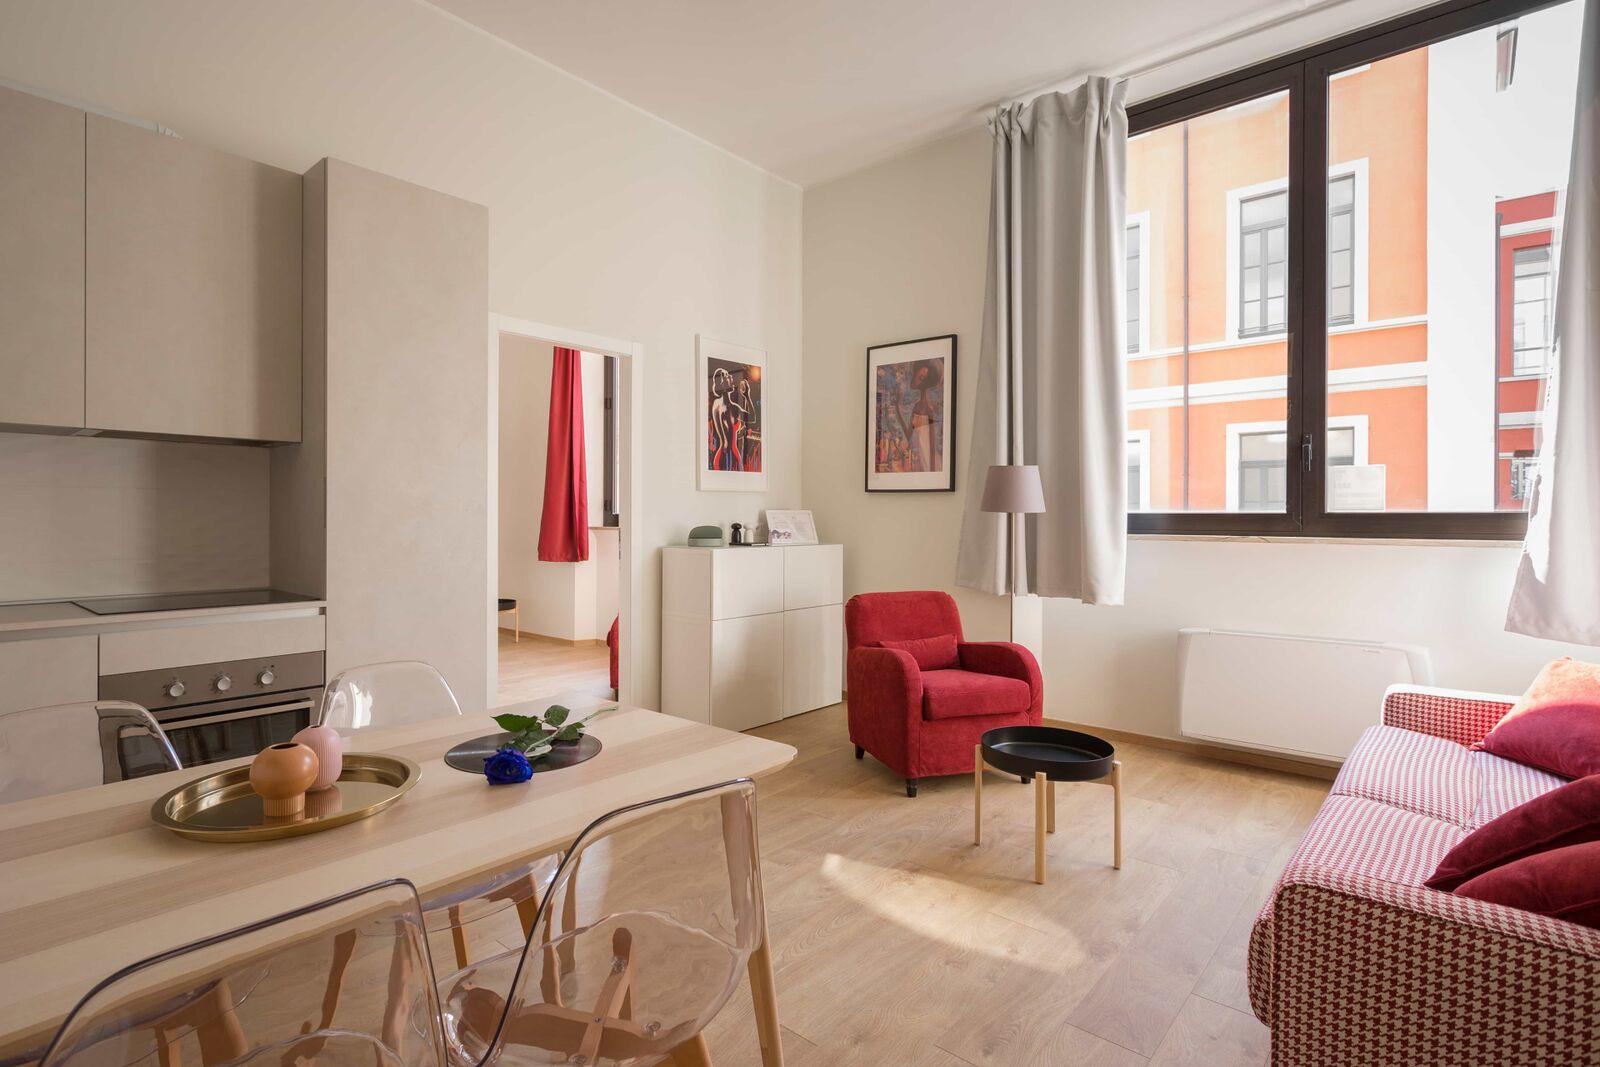 Salon et cuisine ouverte avec table en bois, canapé à carreaux rouges et fauteuil rouge